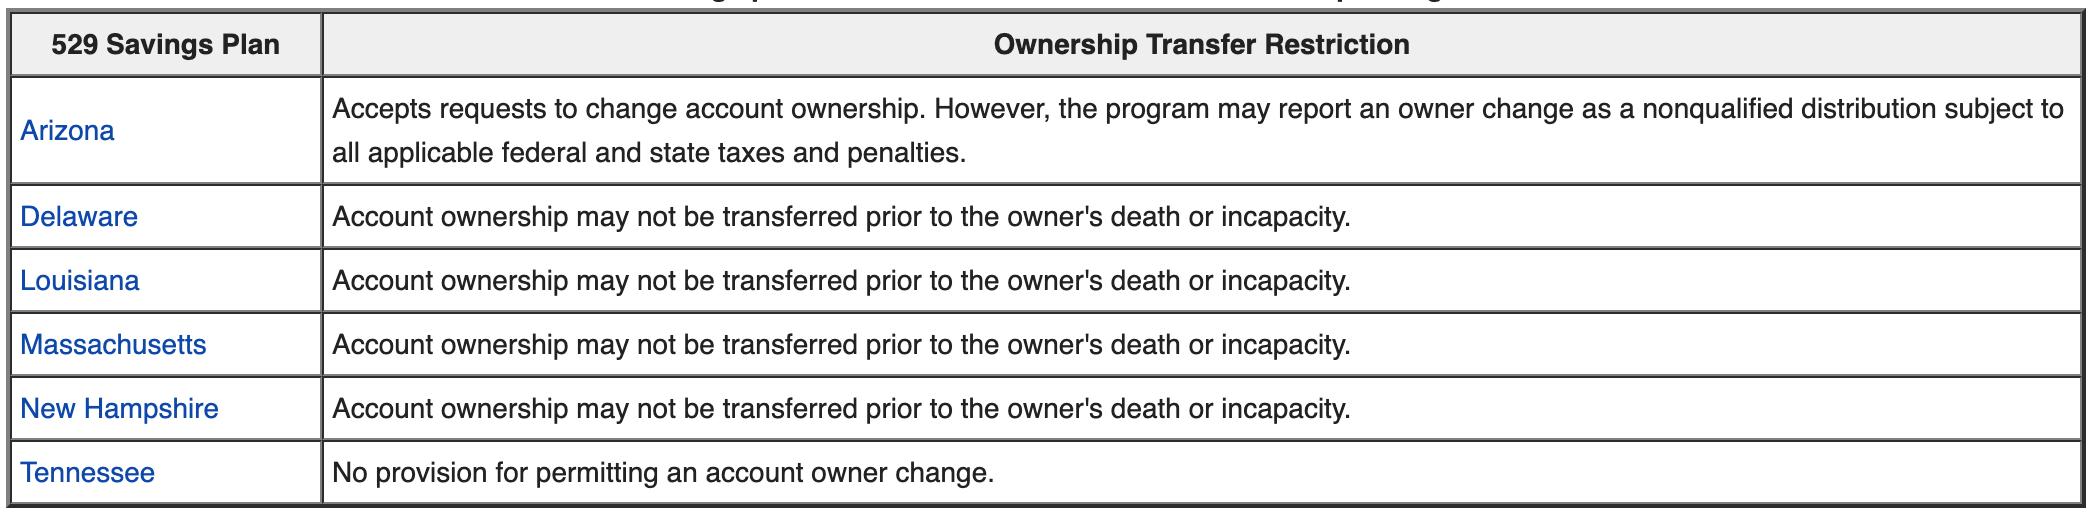 529 Restricciones de transferencia de propiedad del plan de ahorro por estado